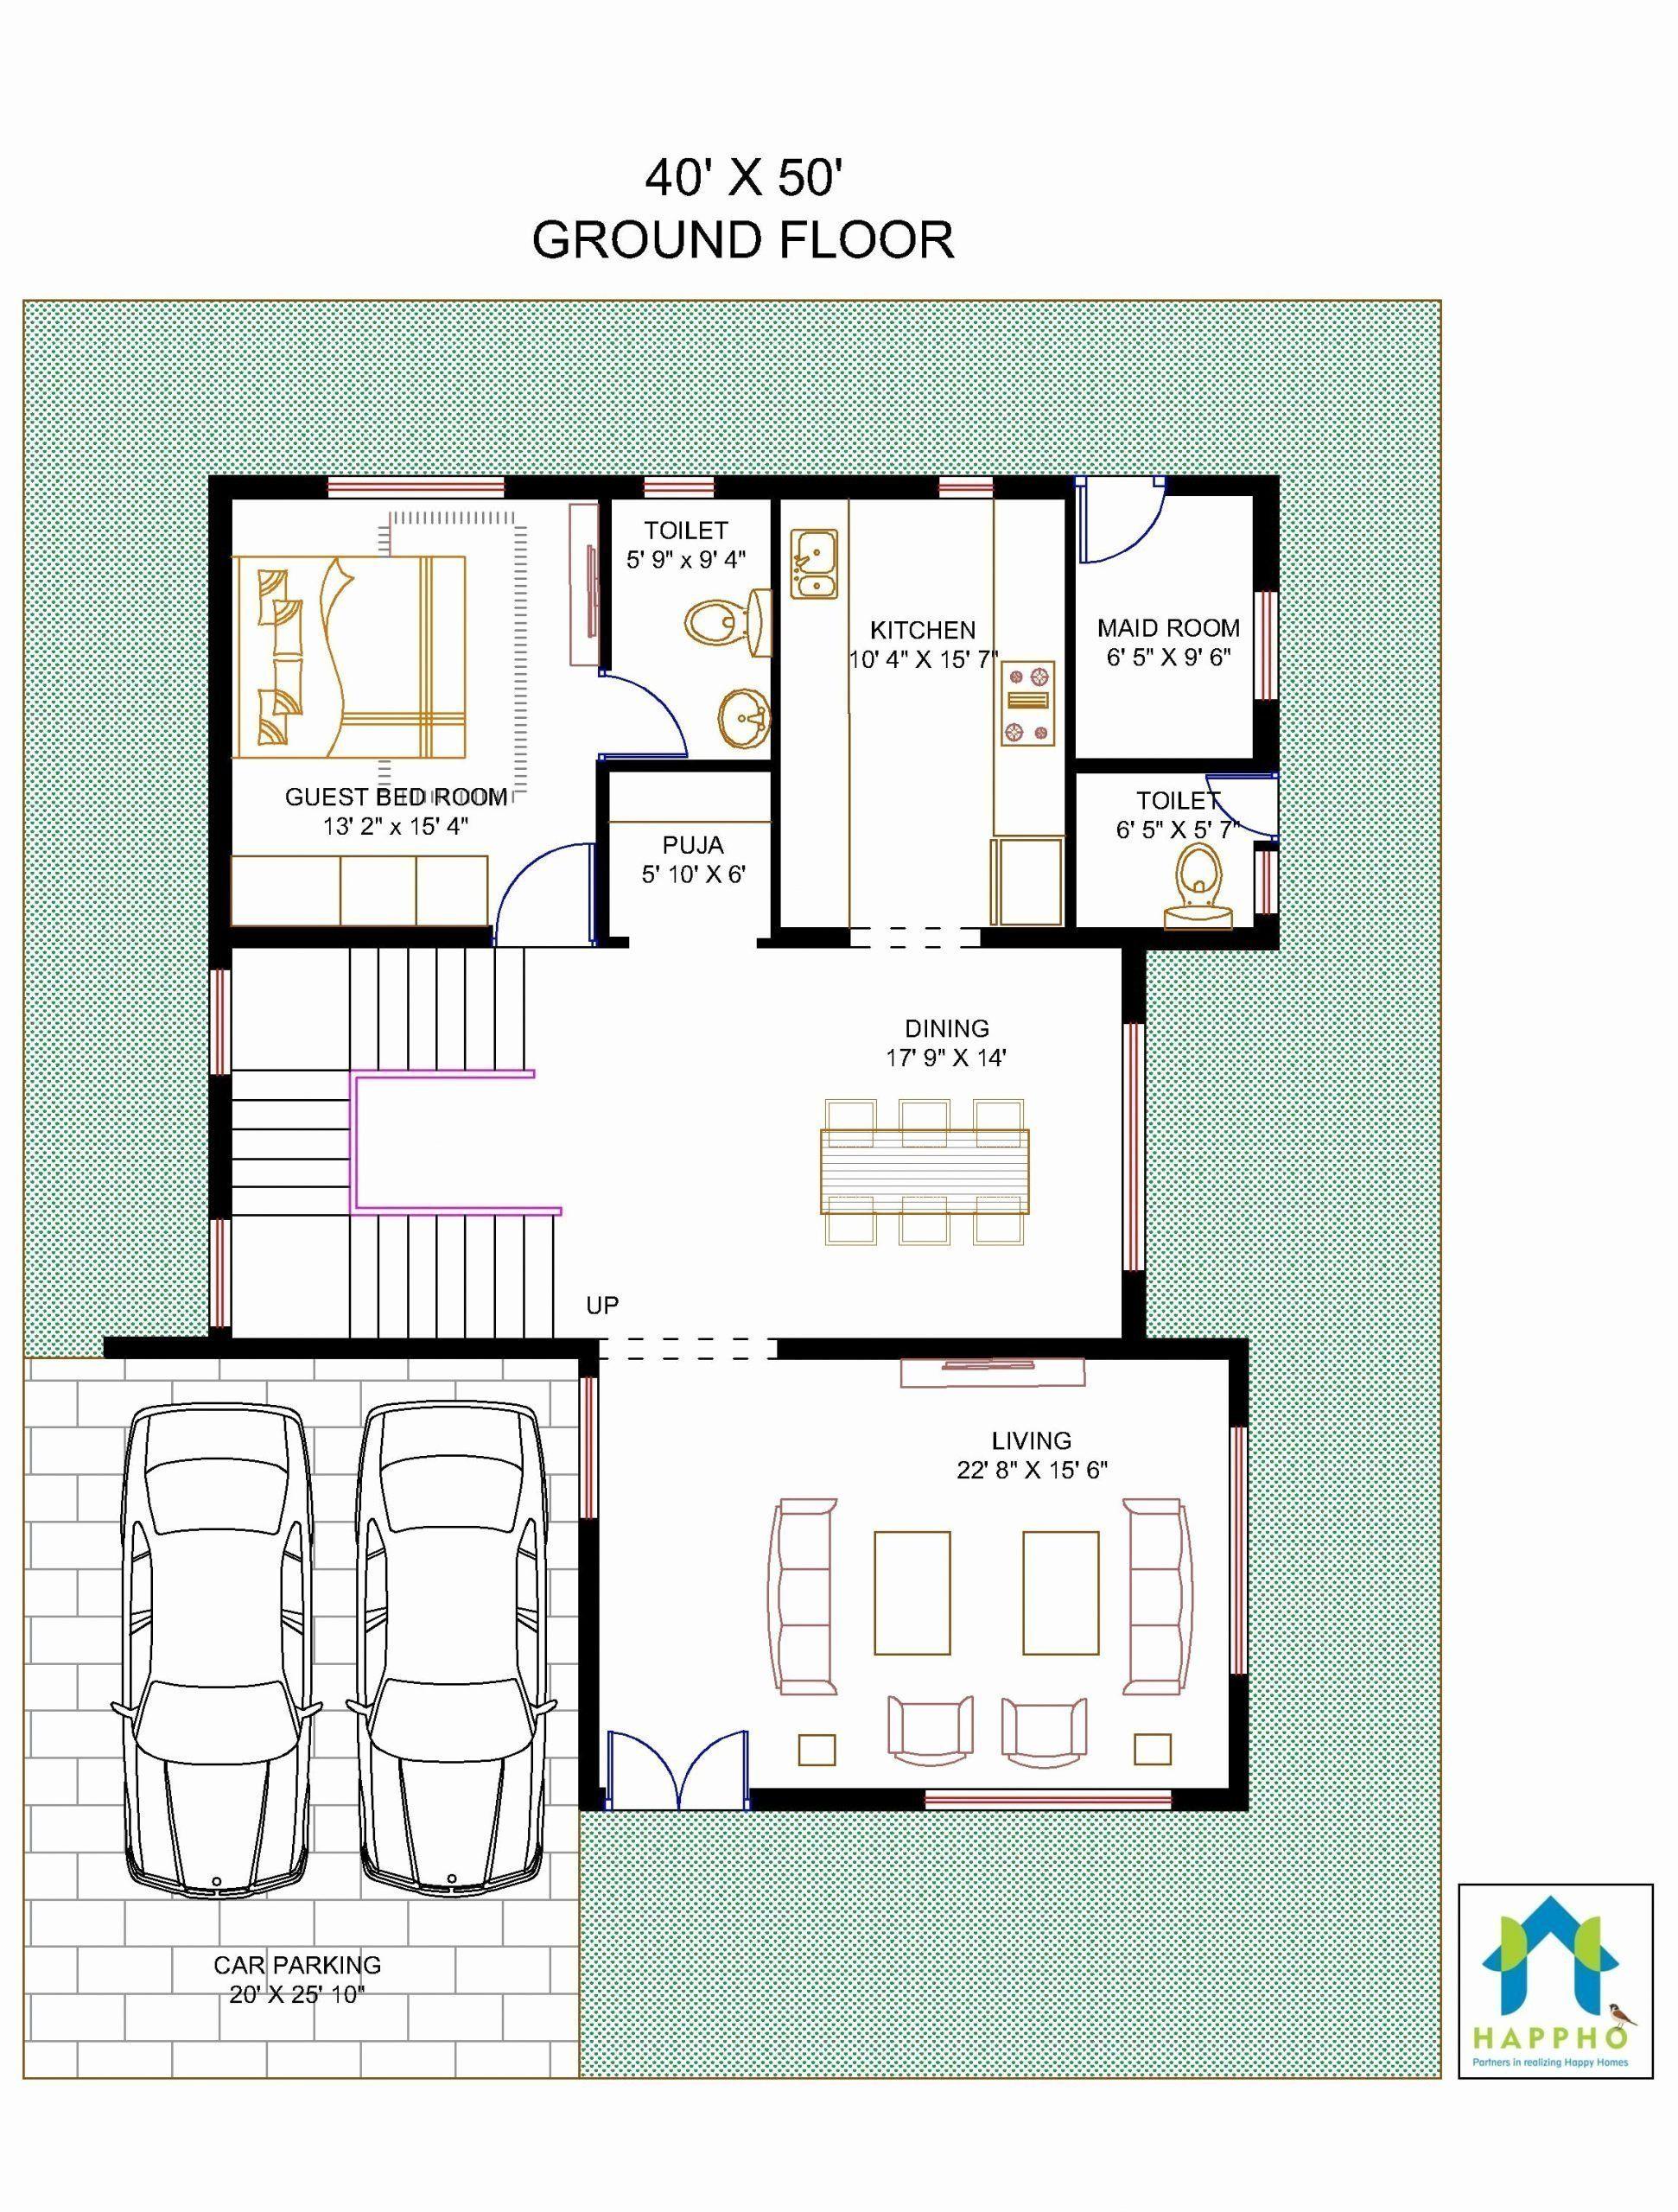 Best Home Design In 2000 Square Feet Fresh Floor Plan For 40 X 50 Plot Square House Plans Basement House Plans Luxury Floor Plans